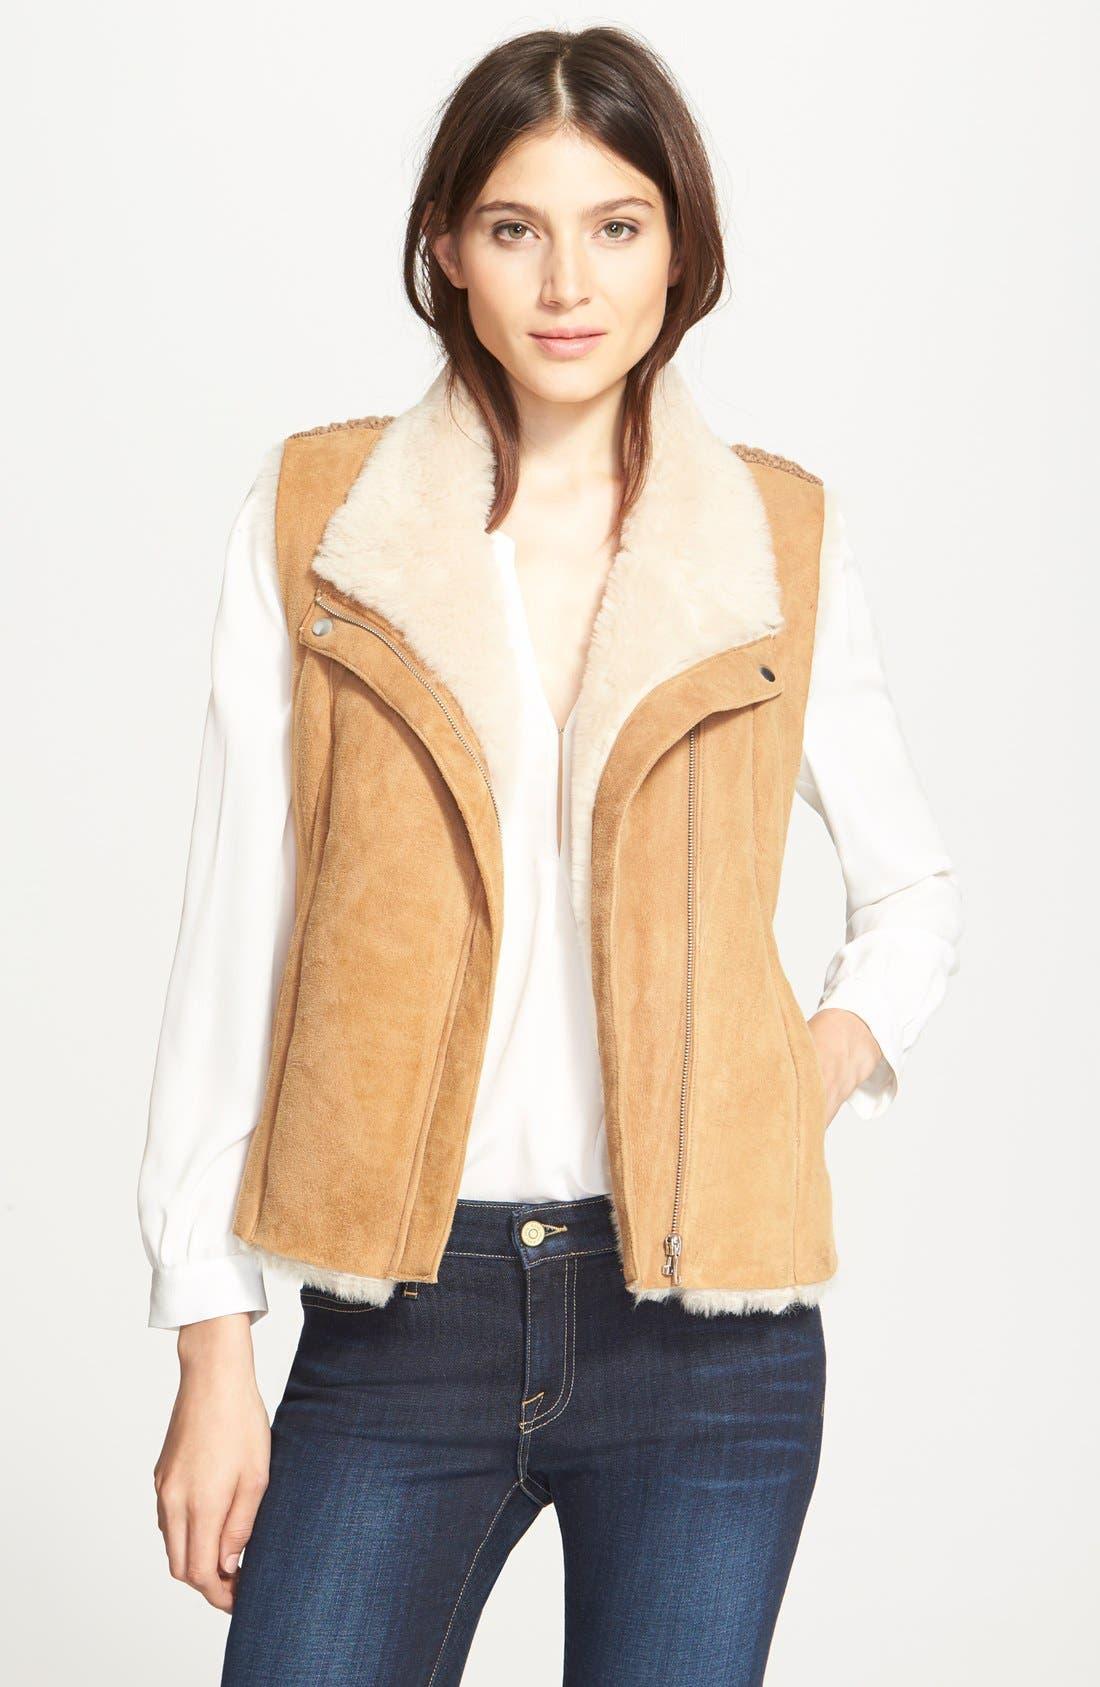 Main Image - Joie 'Brinley' Genuine Shearling & Merino Wool Vest